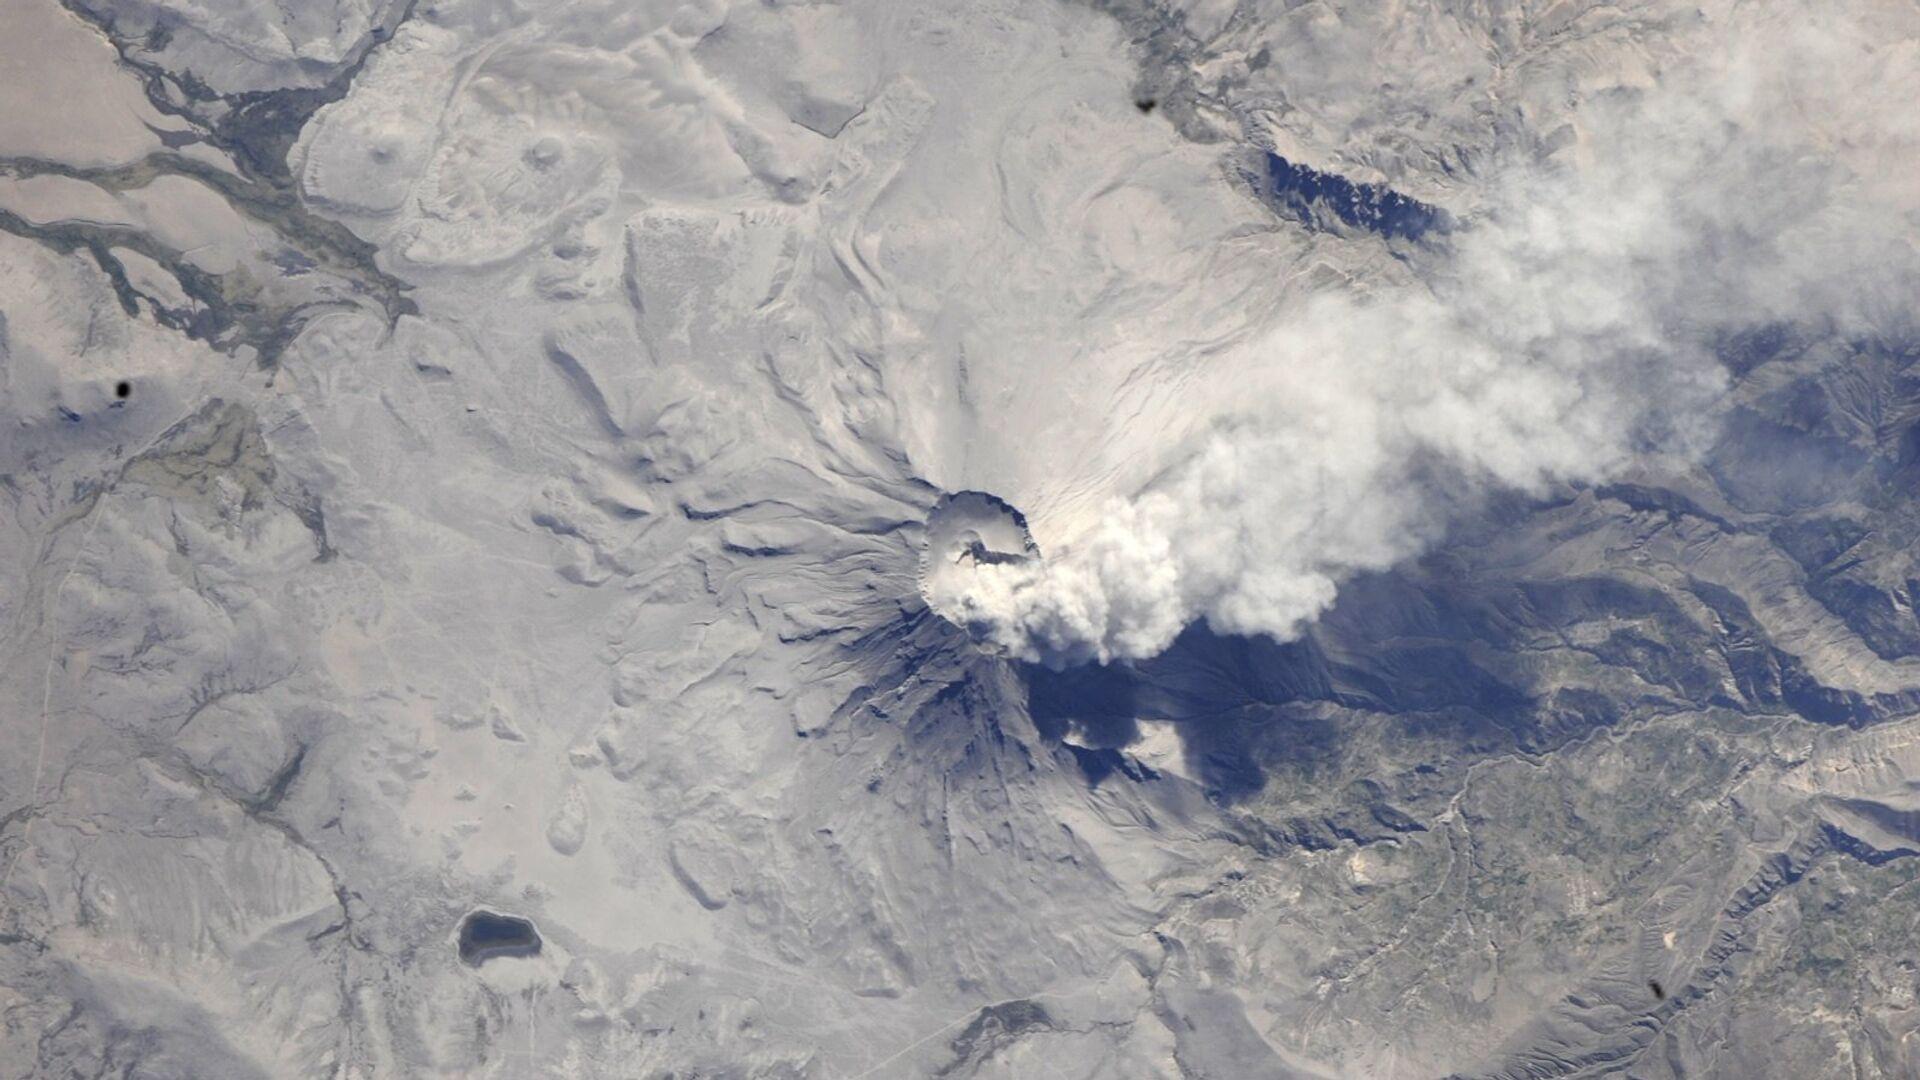 Вид из космоса на вулкан Убинас, Перу - РИА Новости, 1920, 19.02.2021